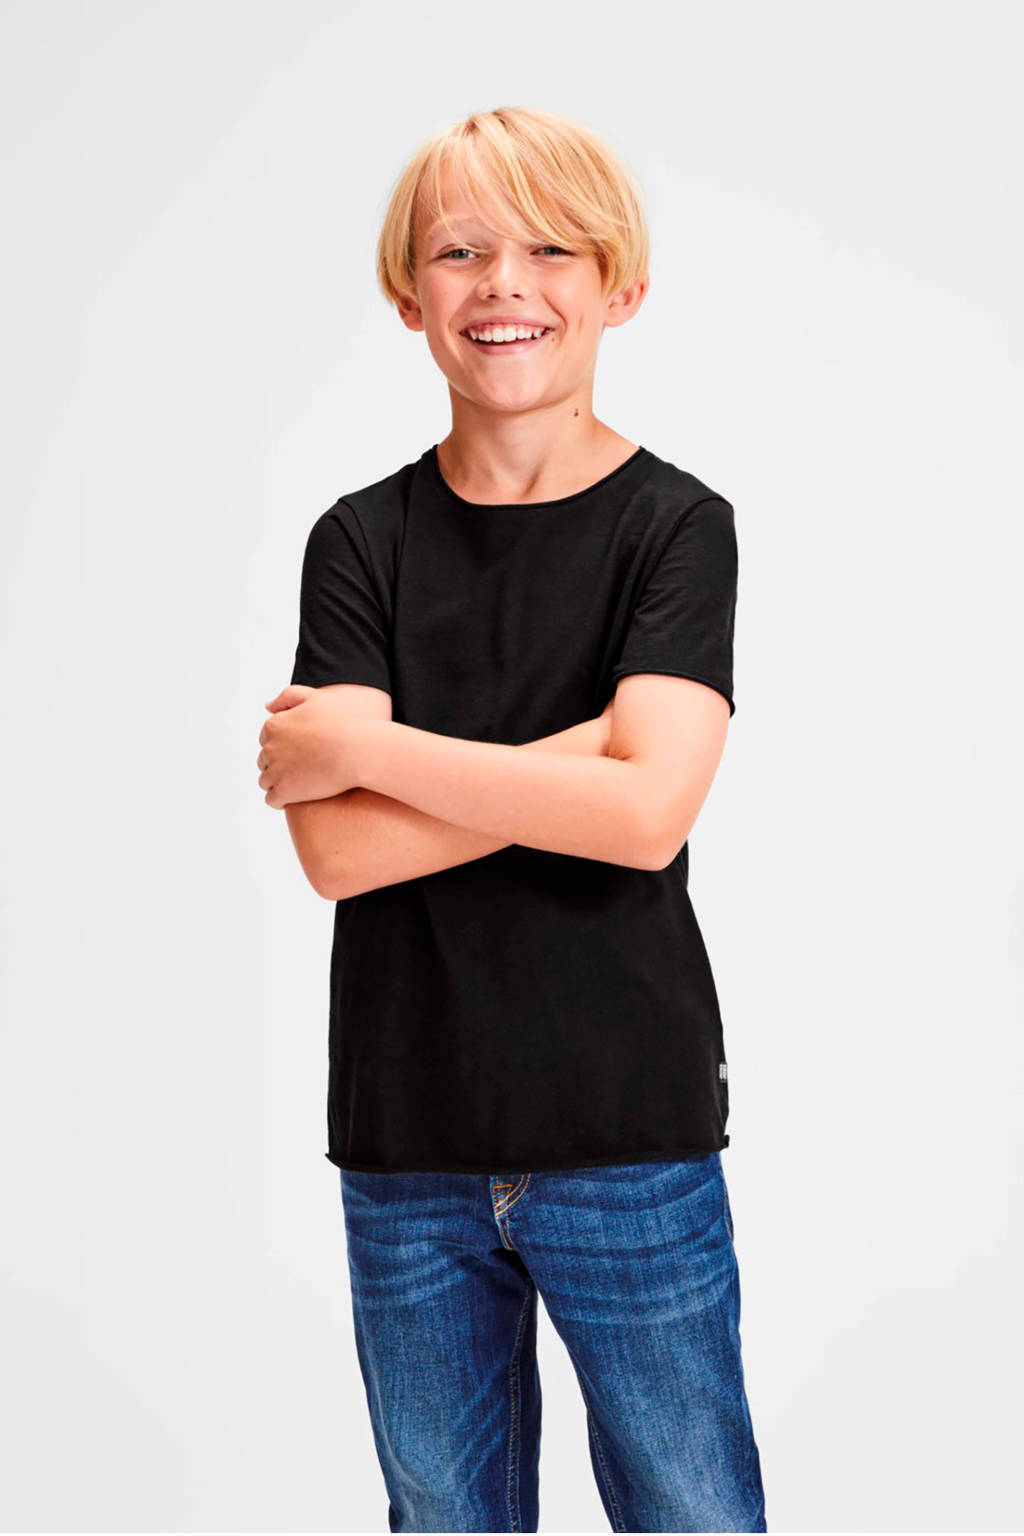 Jack & Jones Junior T-shirt Bas zwart, Zwart